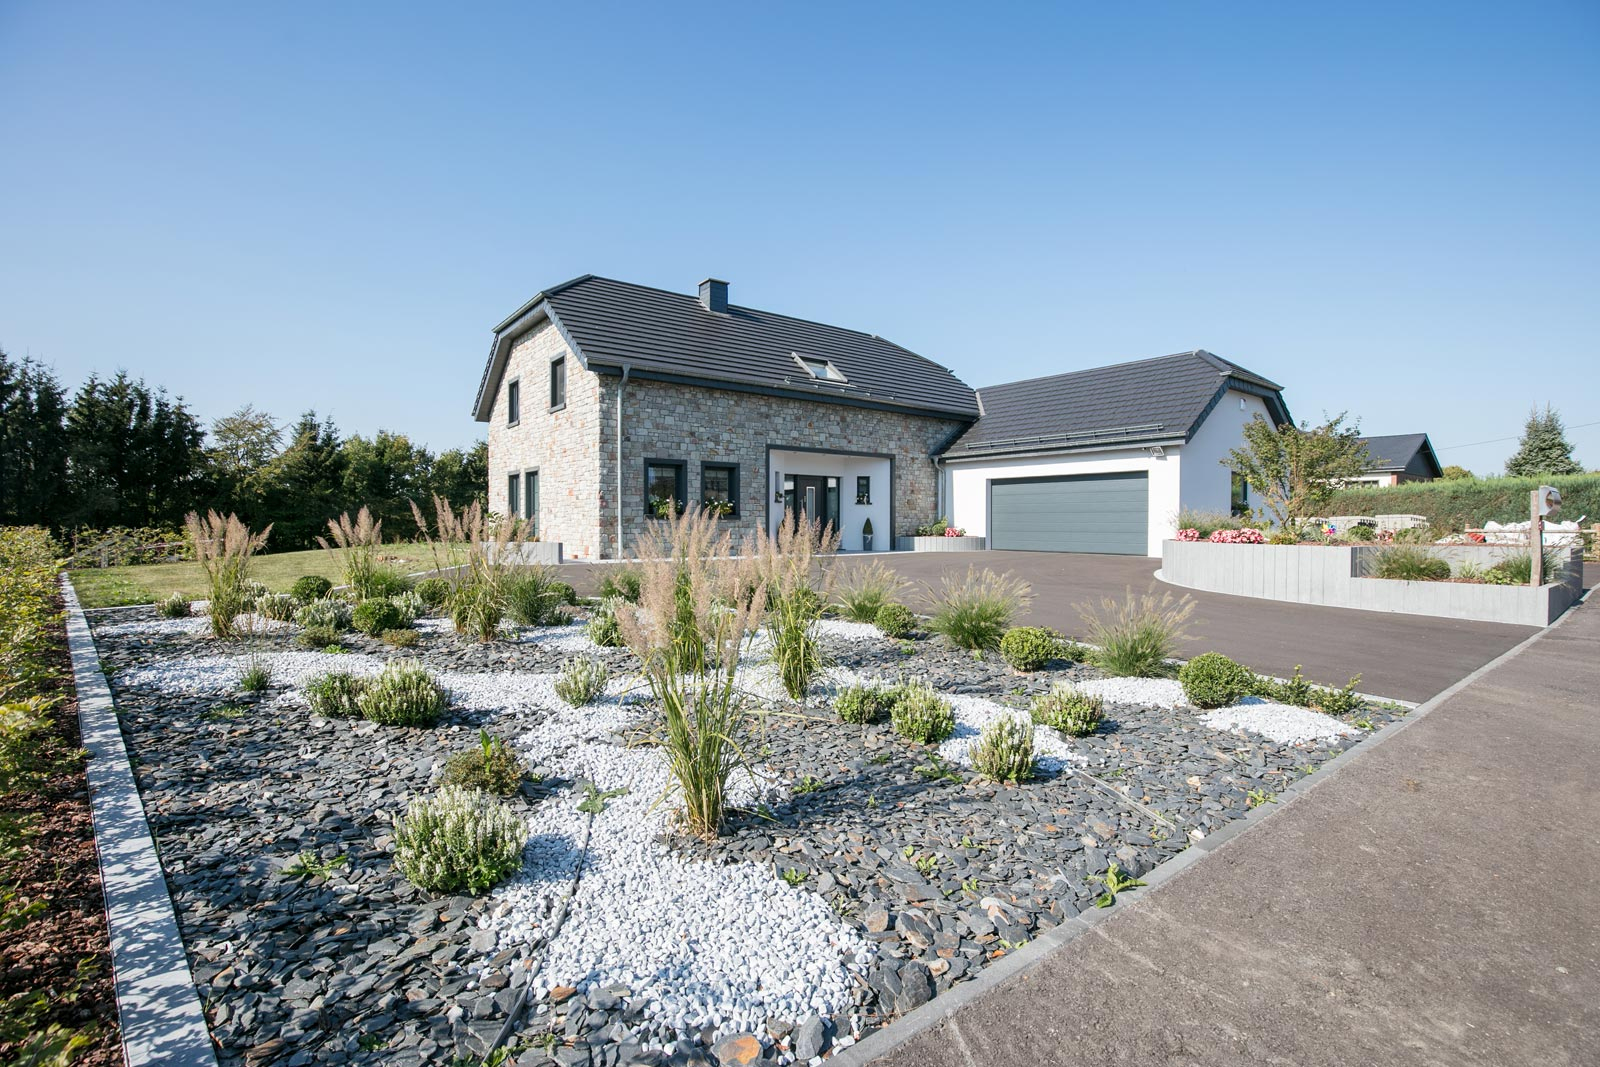 Aménagement De Jardins - Rs Construction intérieur Amanagement Extarieur Maison